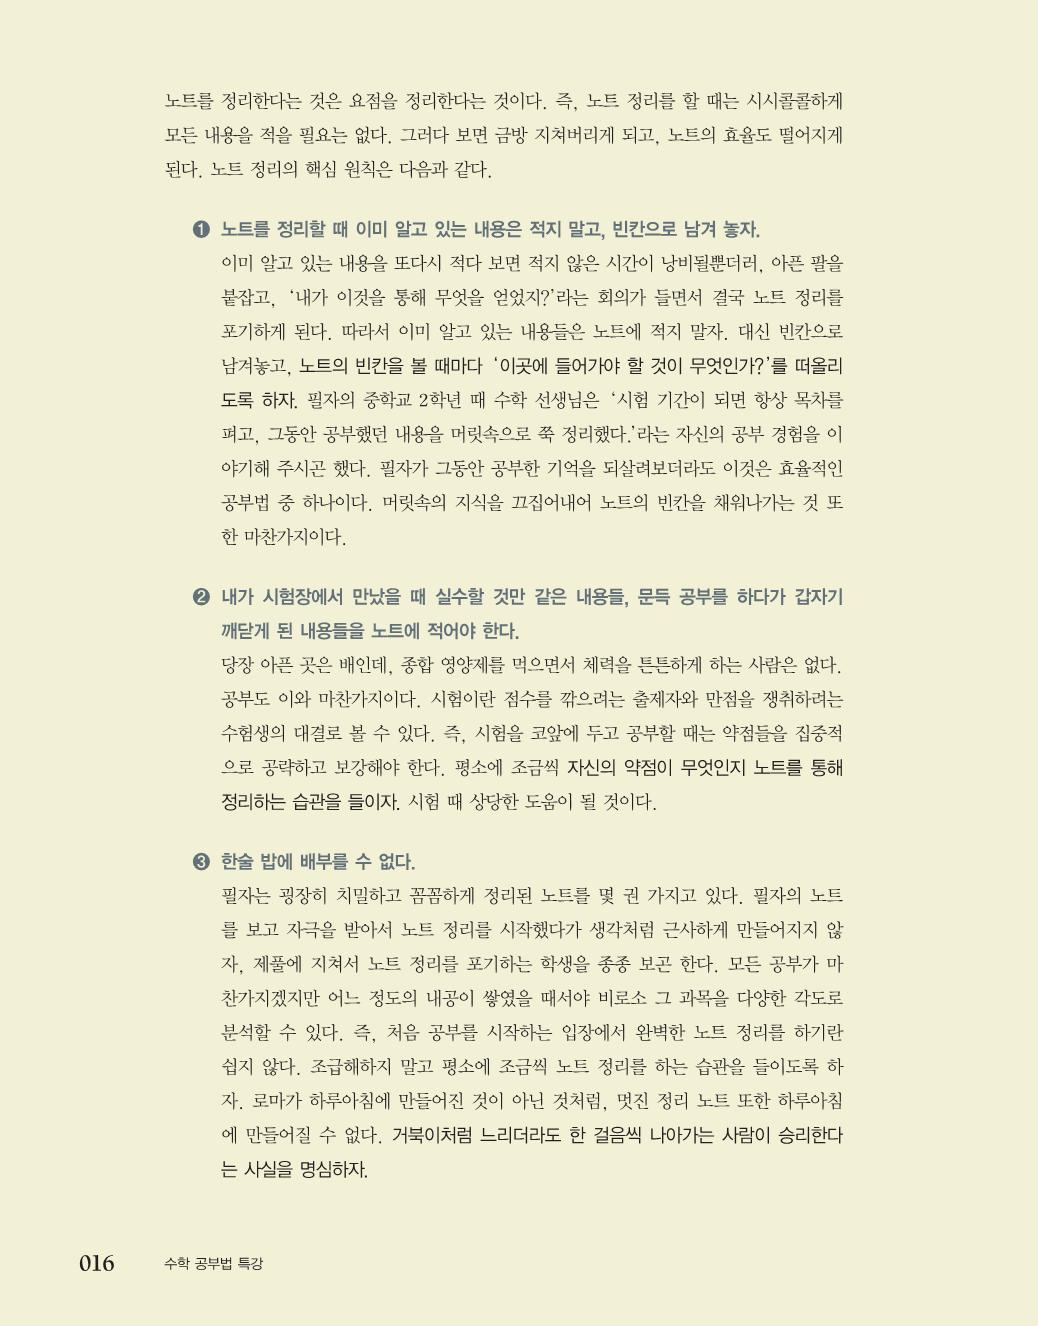 숨마쿰라우데 기본개념서 고등수학(상)_optimize13.png